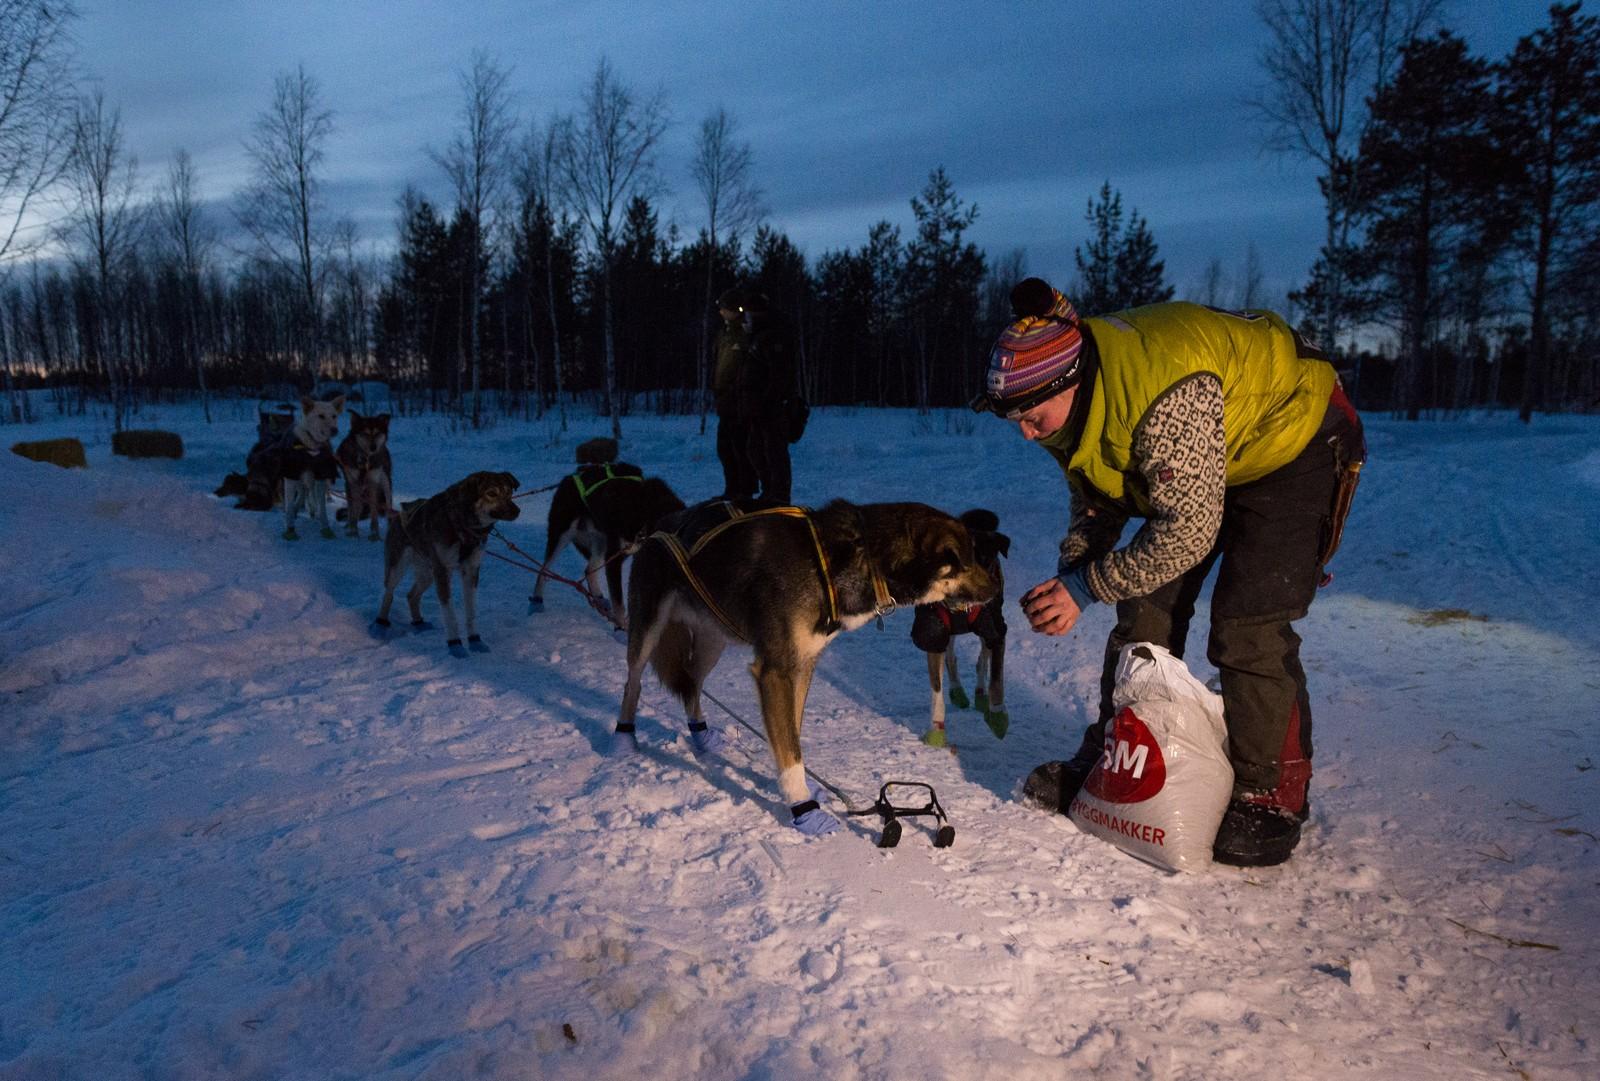 Sigrid Ekran forer hundene.